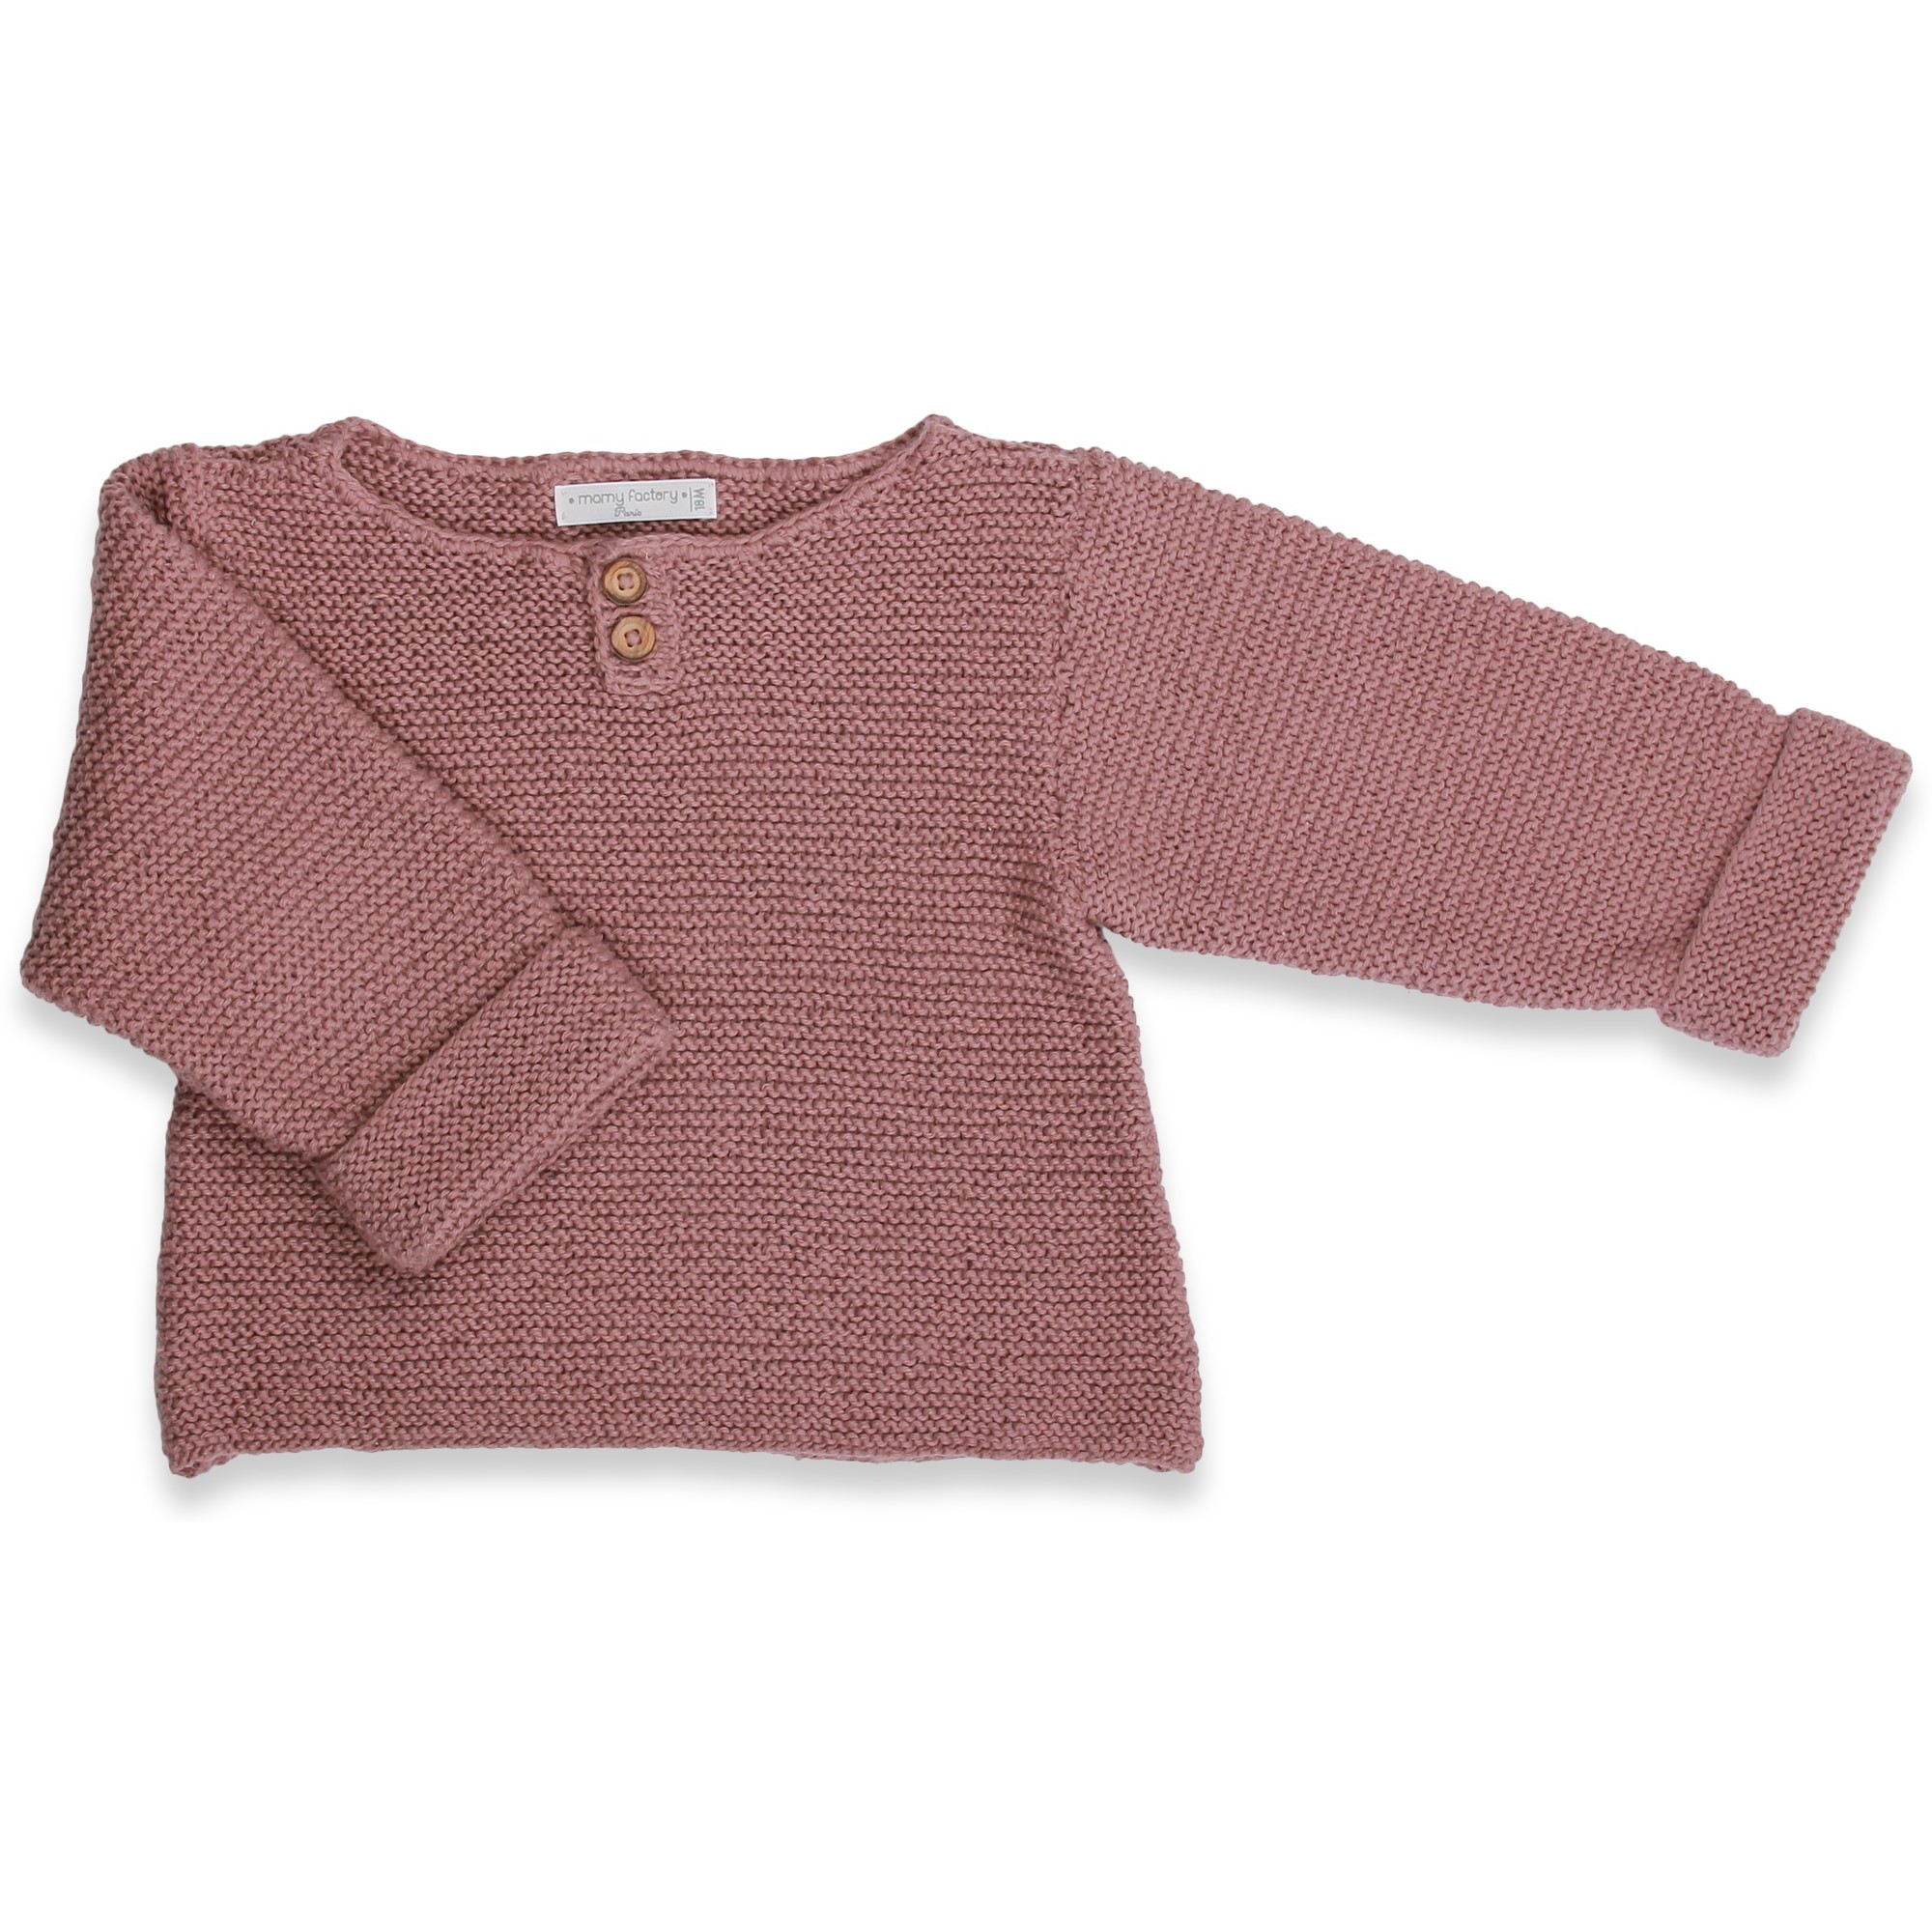 Pull bébé santal esprit campagne en coton   cachemire tricoté 69eba6a8efc